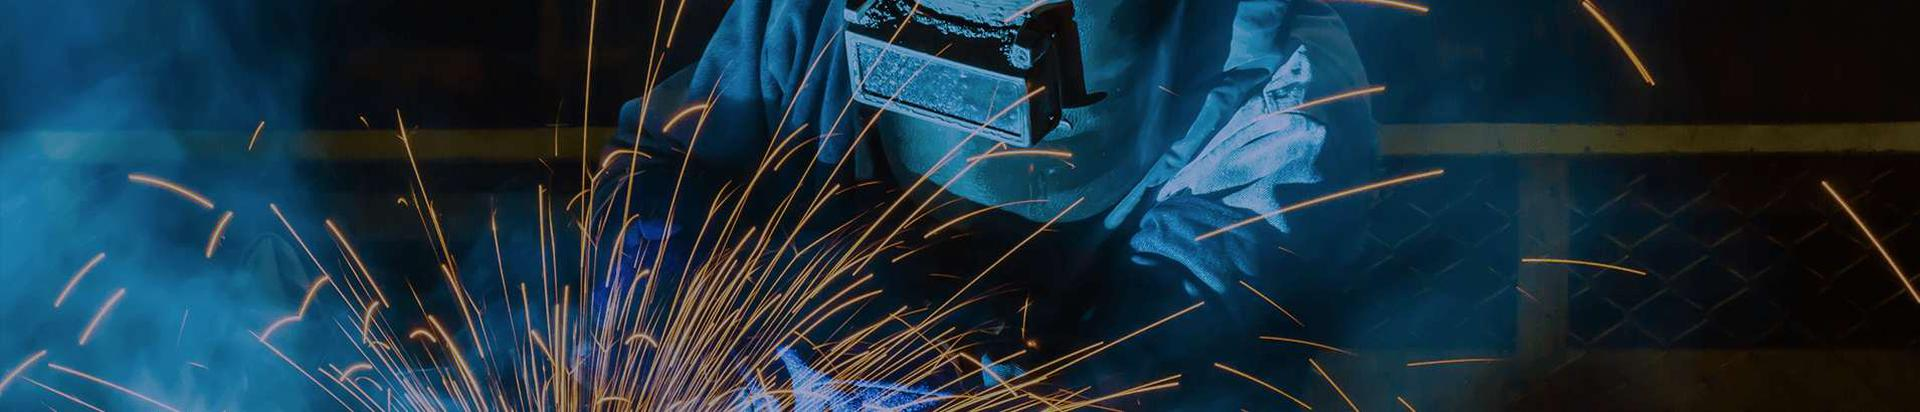 PMT Paide masinatehas on üks Eesti juhtivaid masinaehitus- ja metallitööstusettevõtteid. Valmistame masinaehituseks keerukaid metallkonstruktsioone.